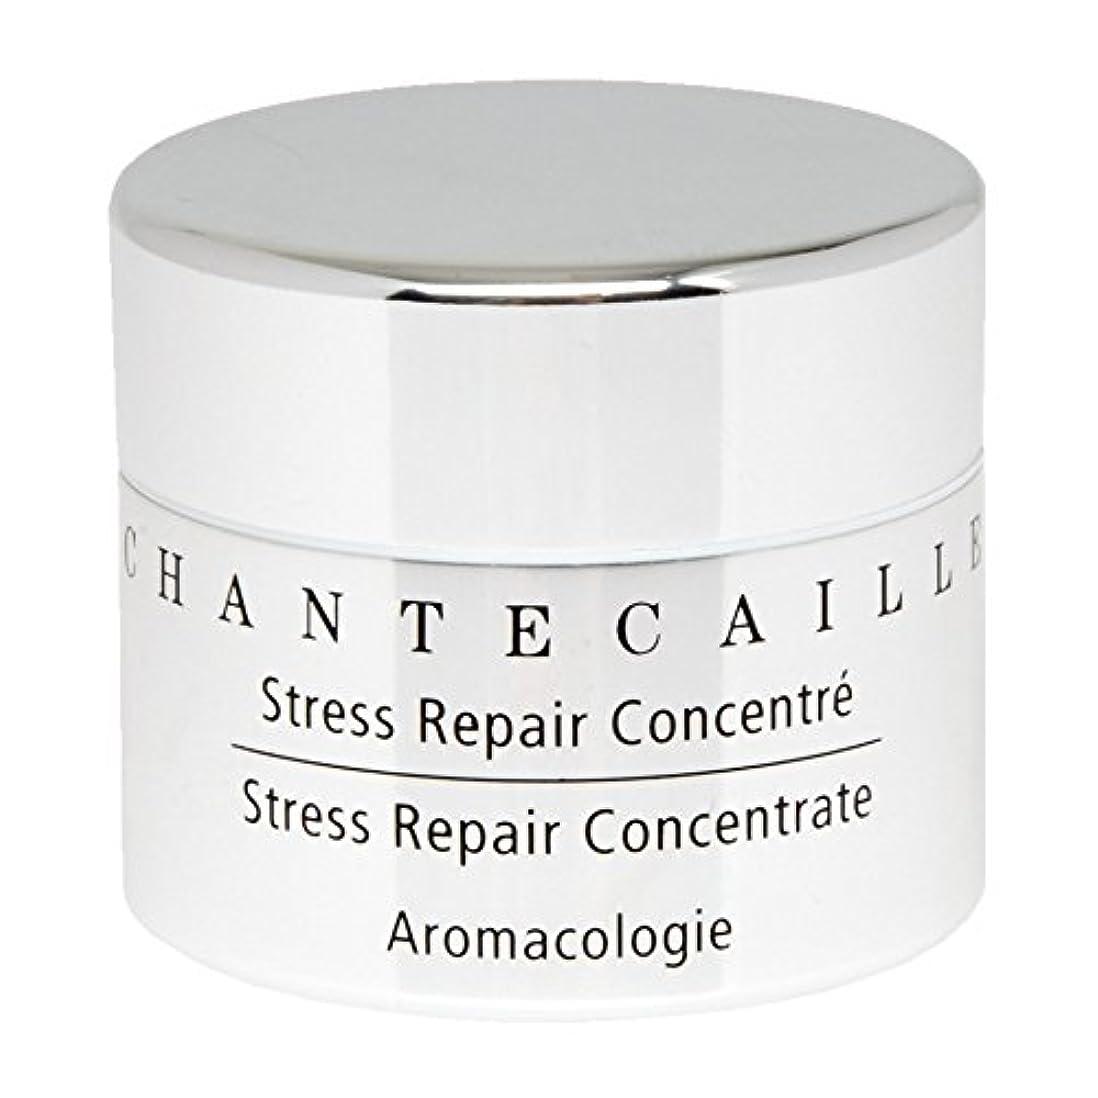 道徳シロクマ絶滅したChantecaille Stress Repair Concentrate 15ml (Pack of 6) - シャンテカイユストレス修復濃縮15ミリリットル x6 [並行輸入品]